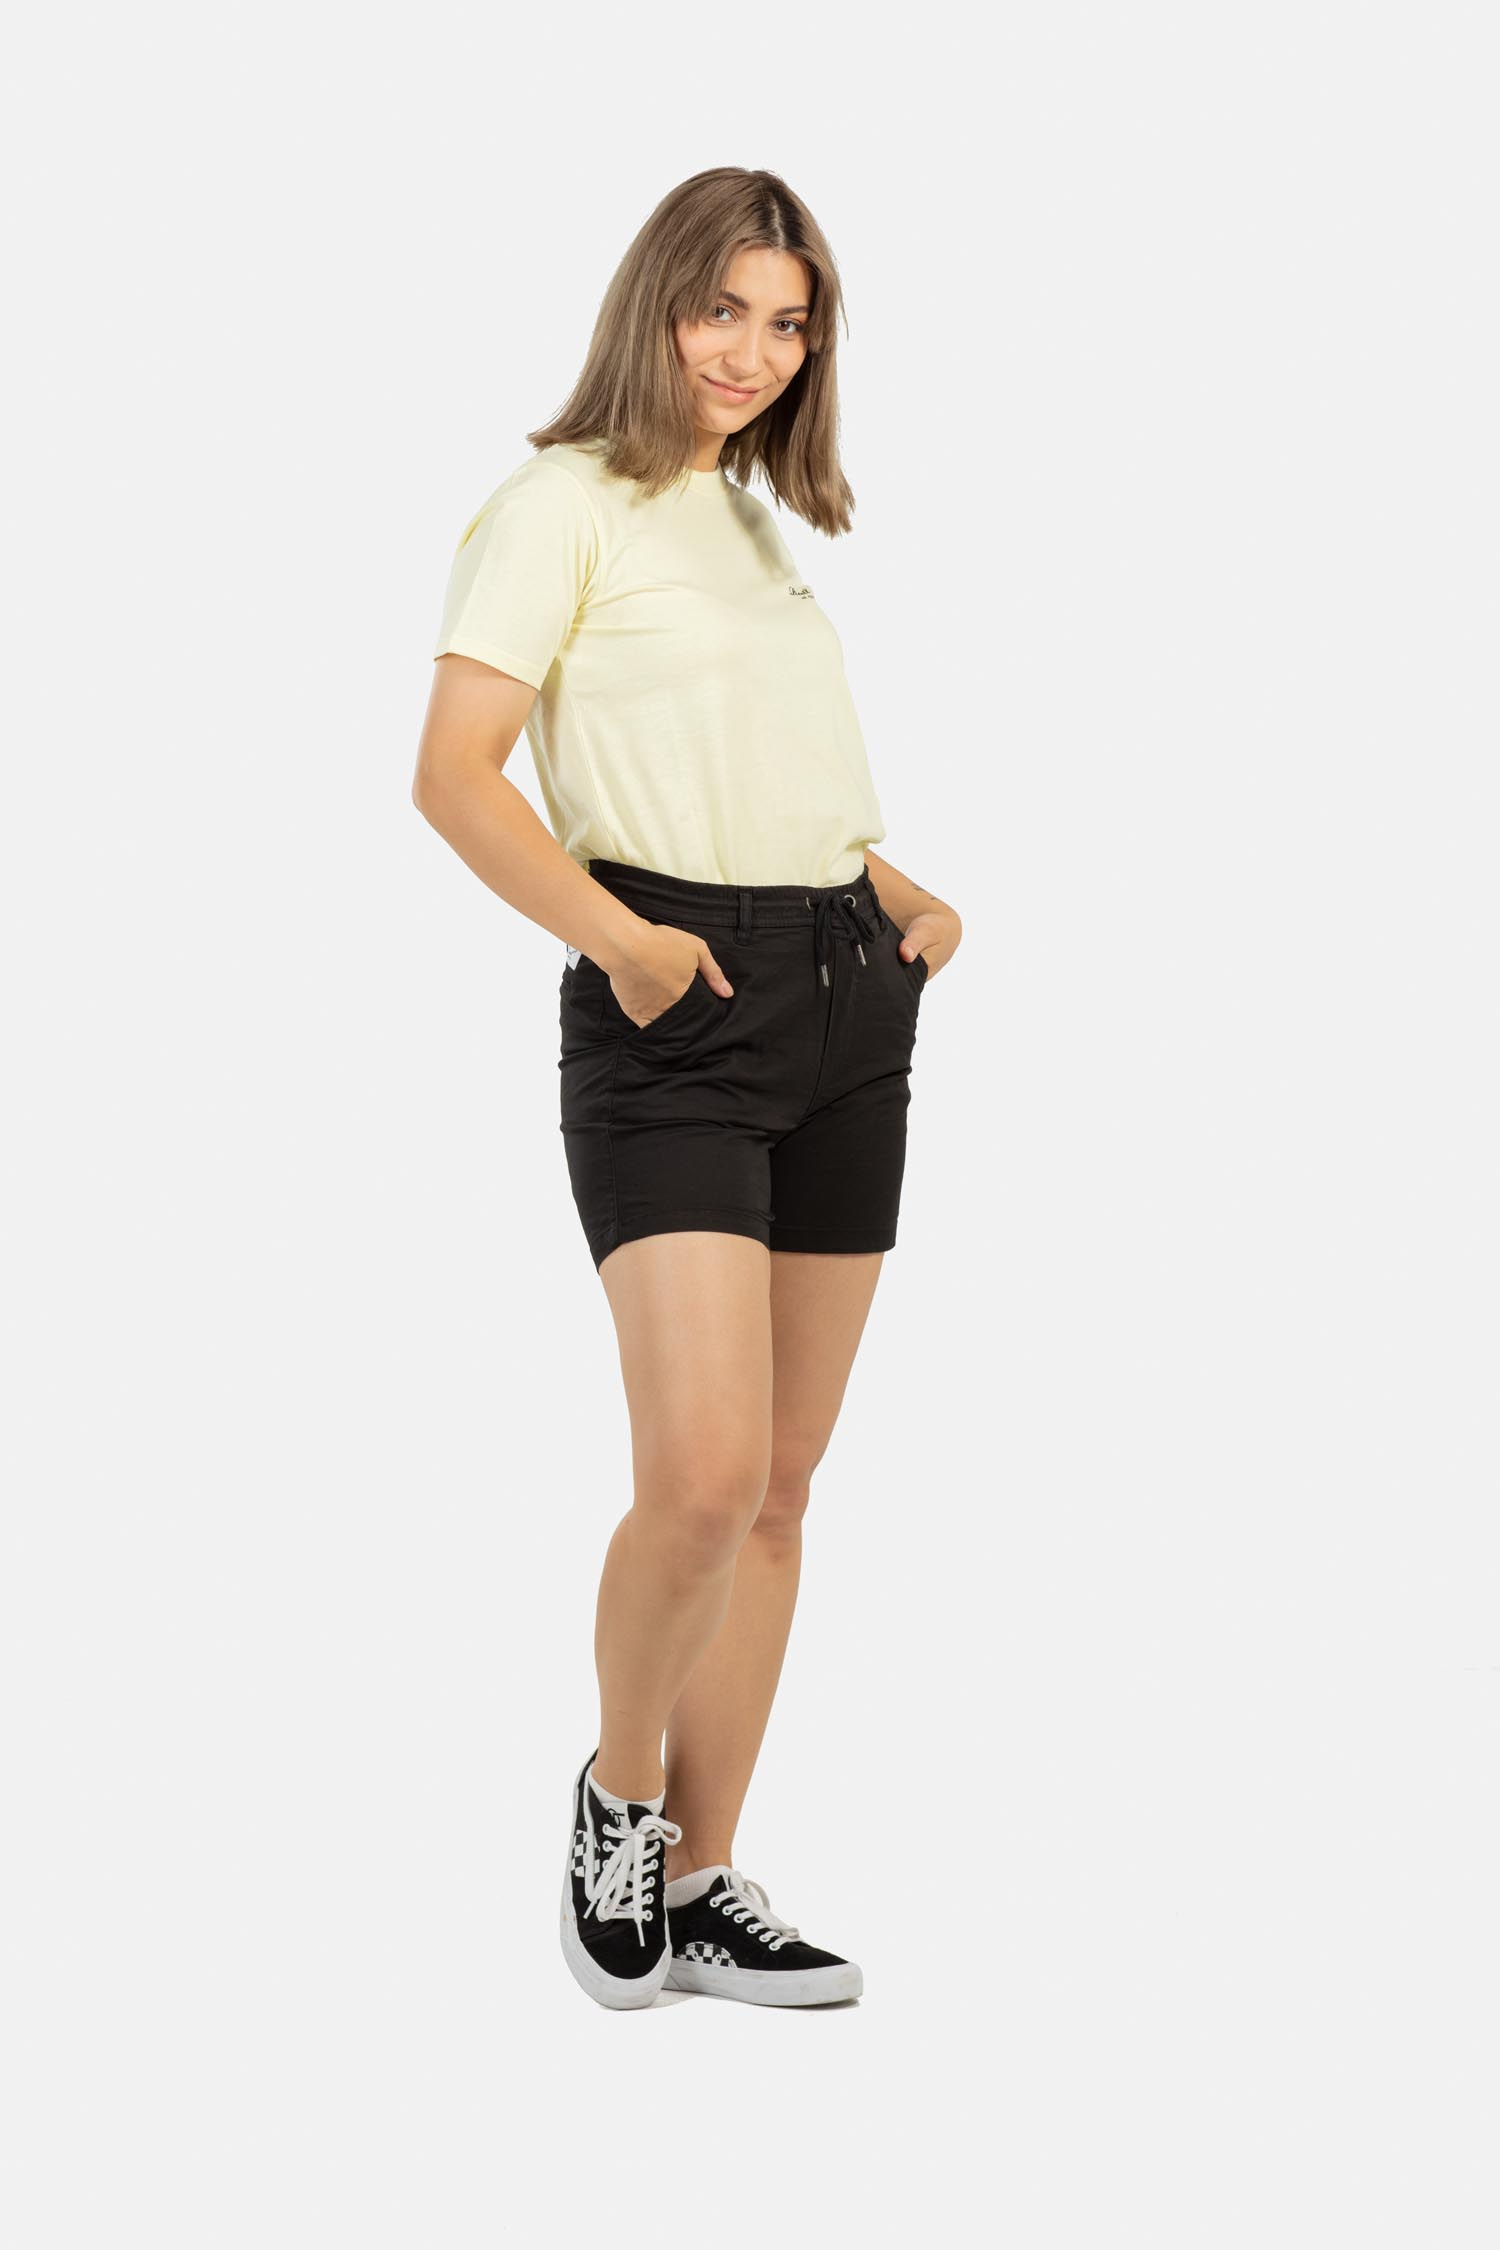 REELL-REFLEX-WOMEN-LW-EASY-SHORT-Kurze-Hose-black